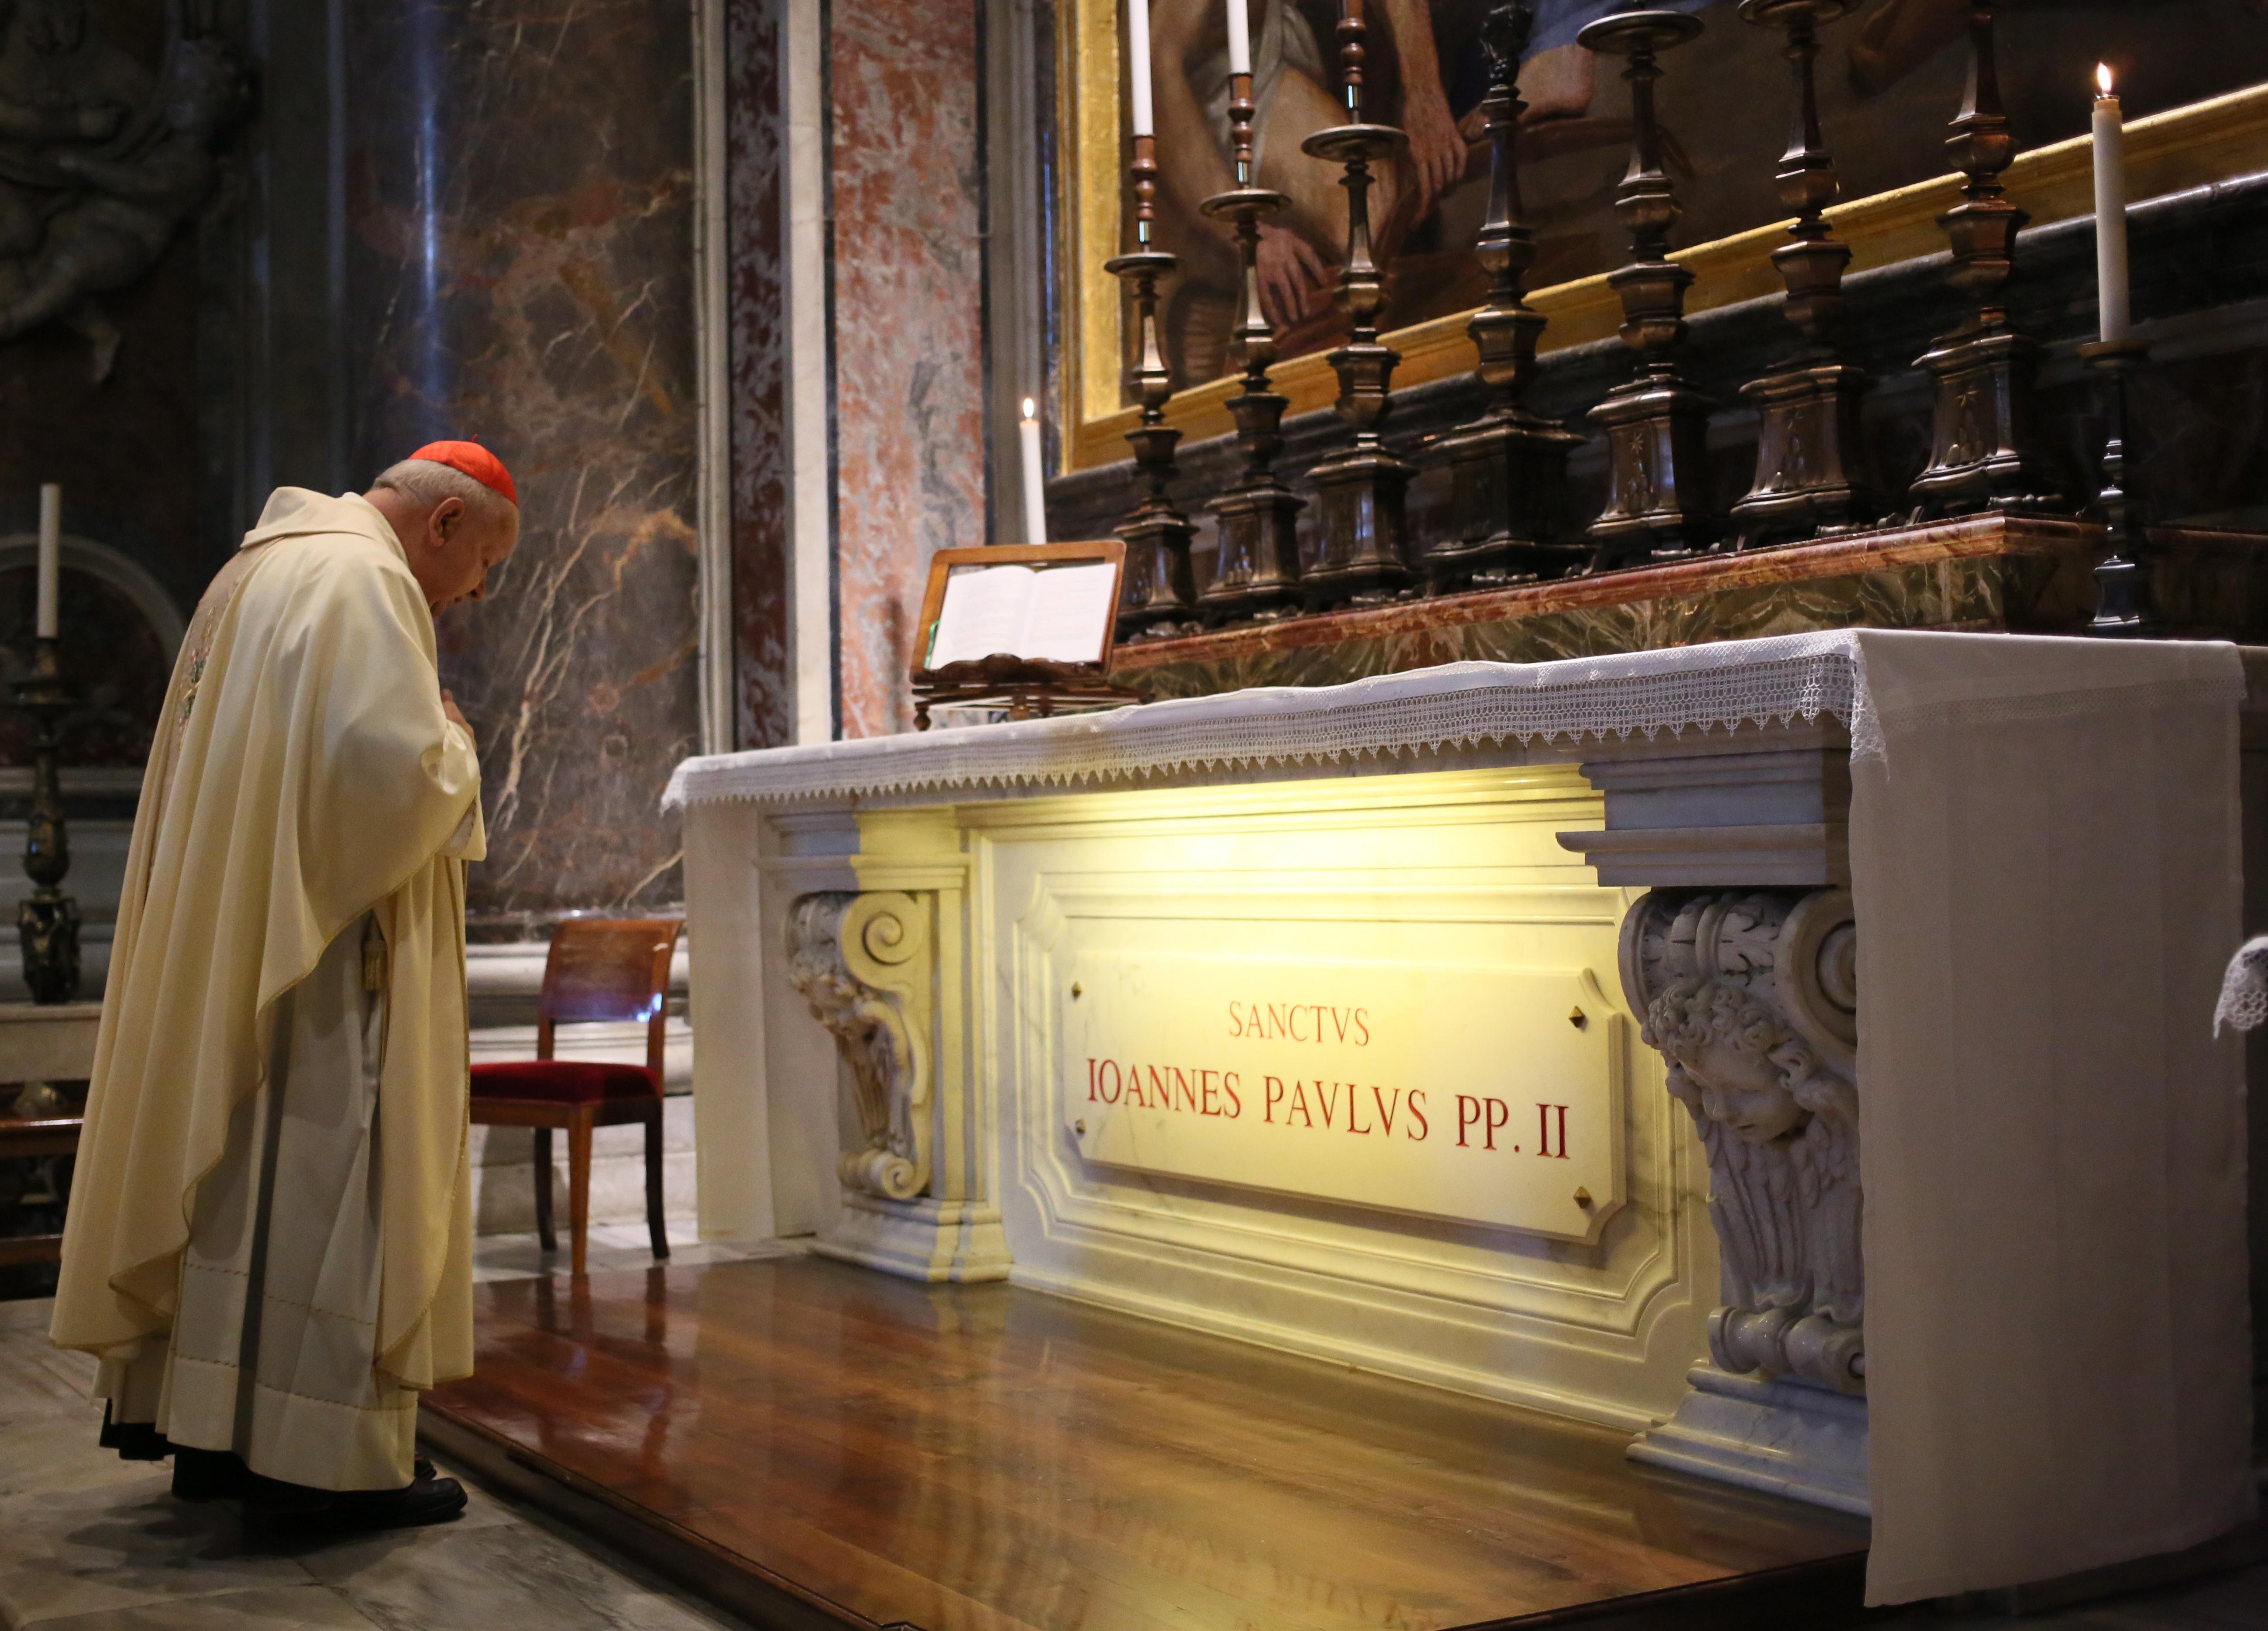 Rano msze przy grobie św. Jana Pawła II odprawił kard. Stanisław Dziwisz (fot. Leszek Szymański)